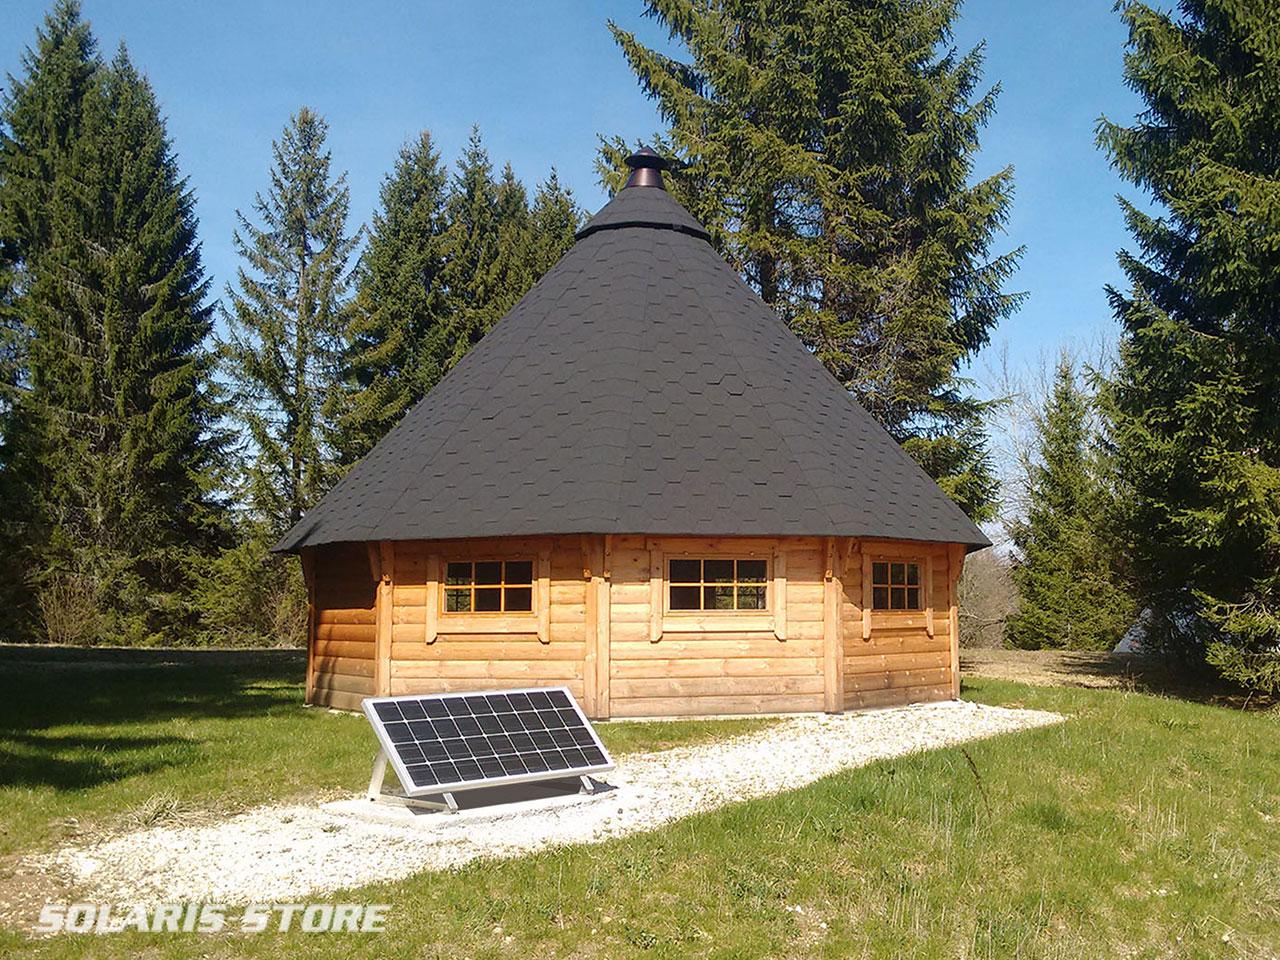 Kit solaire cabane bois